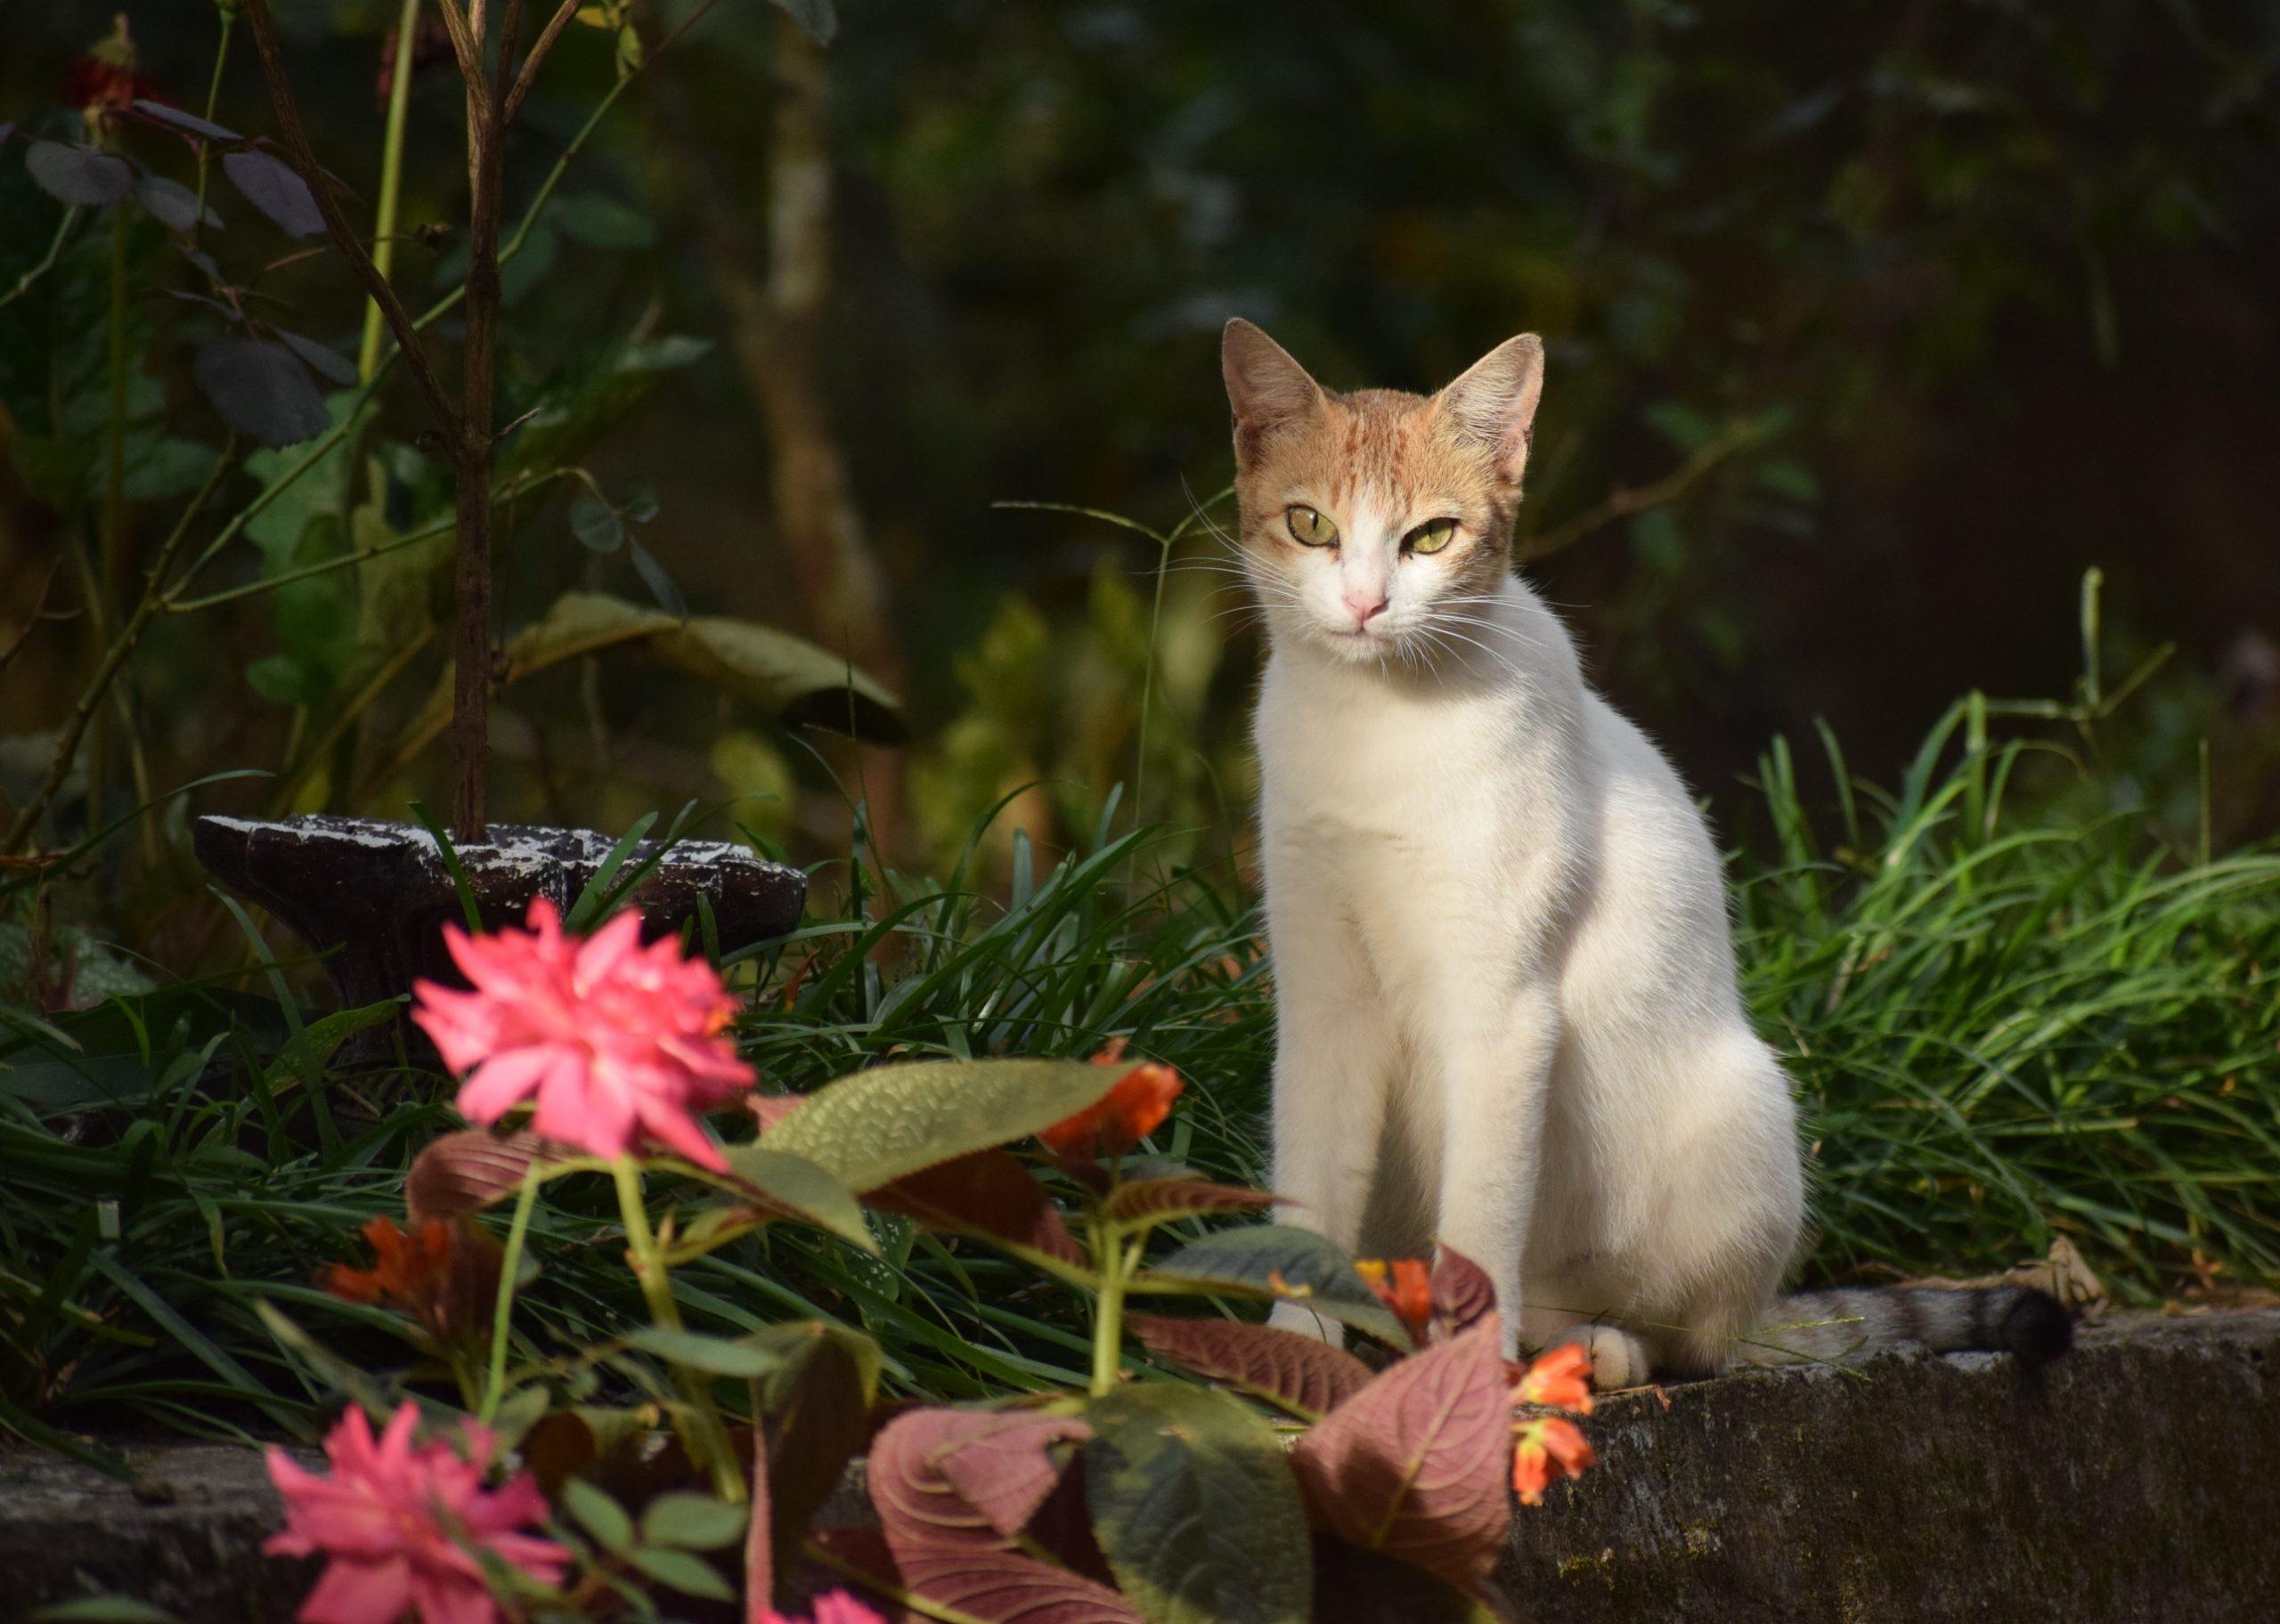 Cat amidst nature.